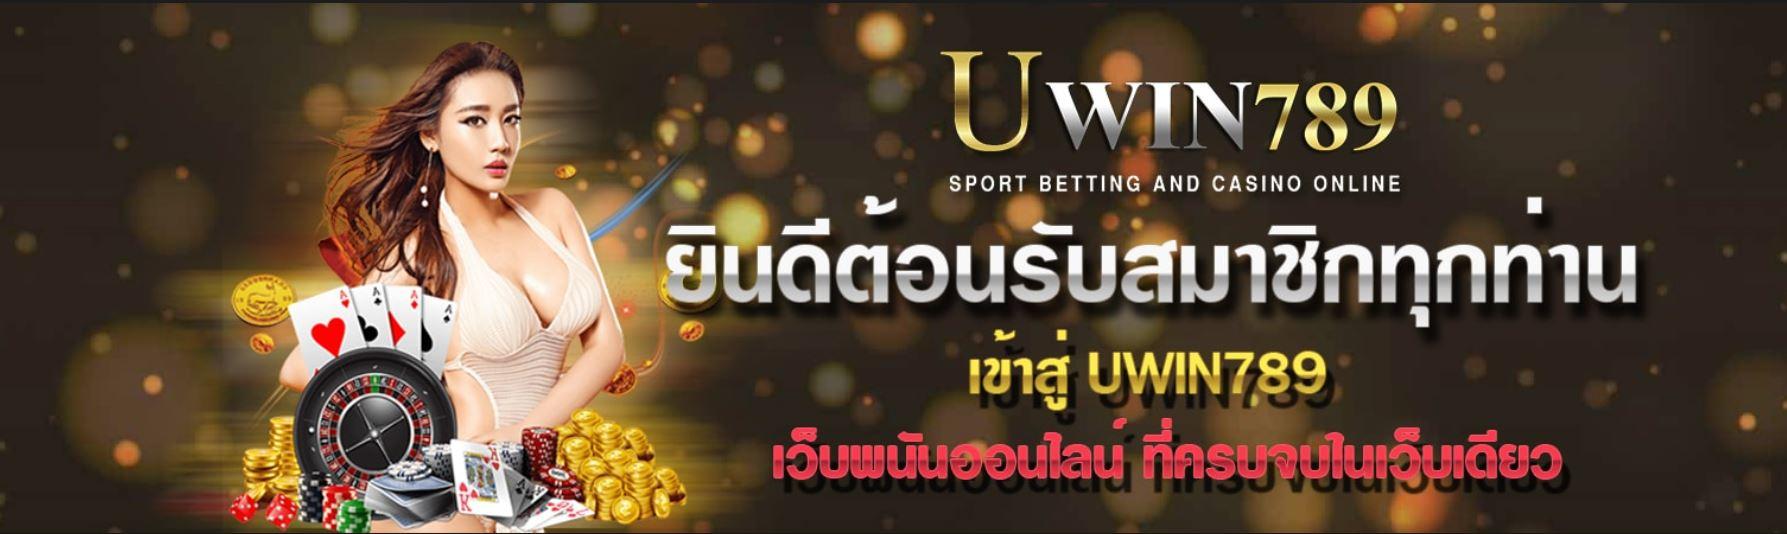 uwin789-casino